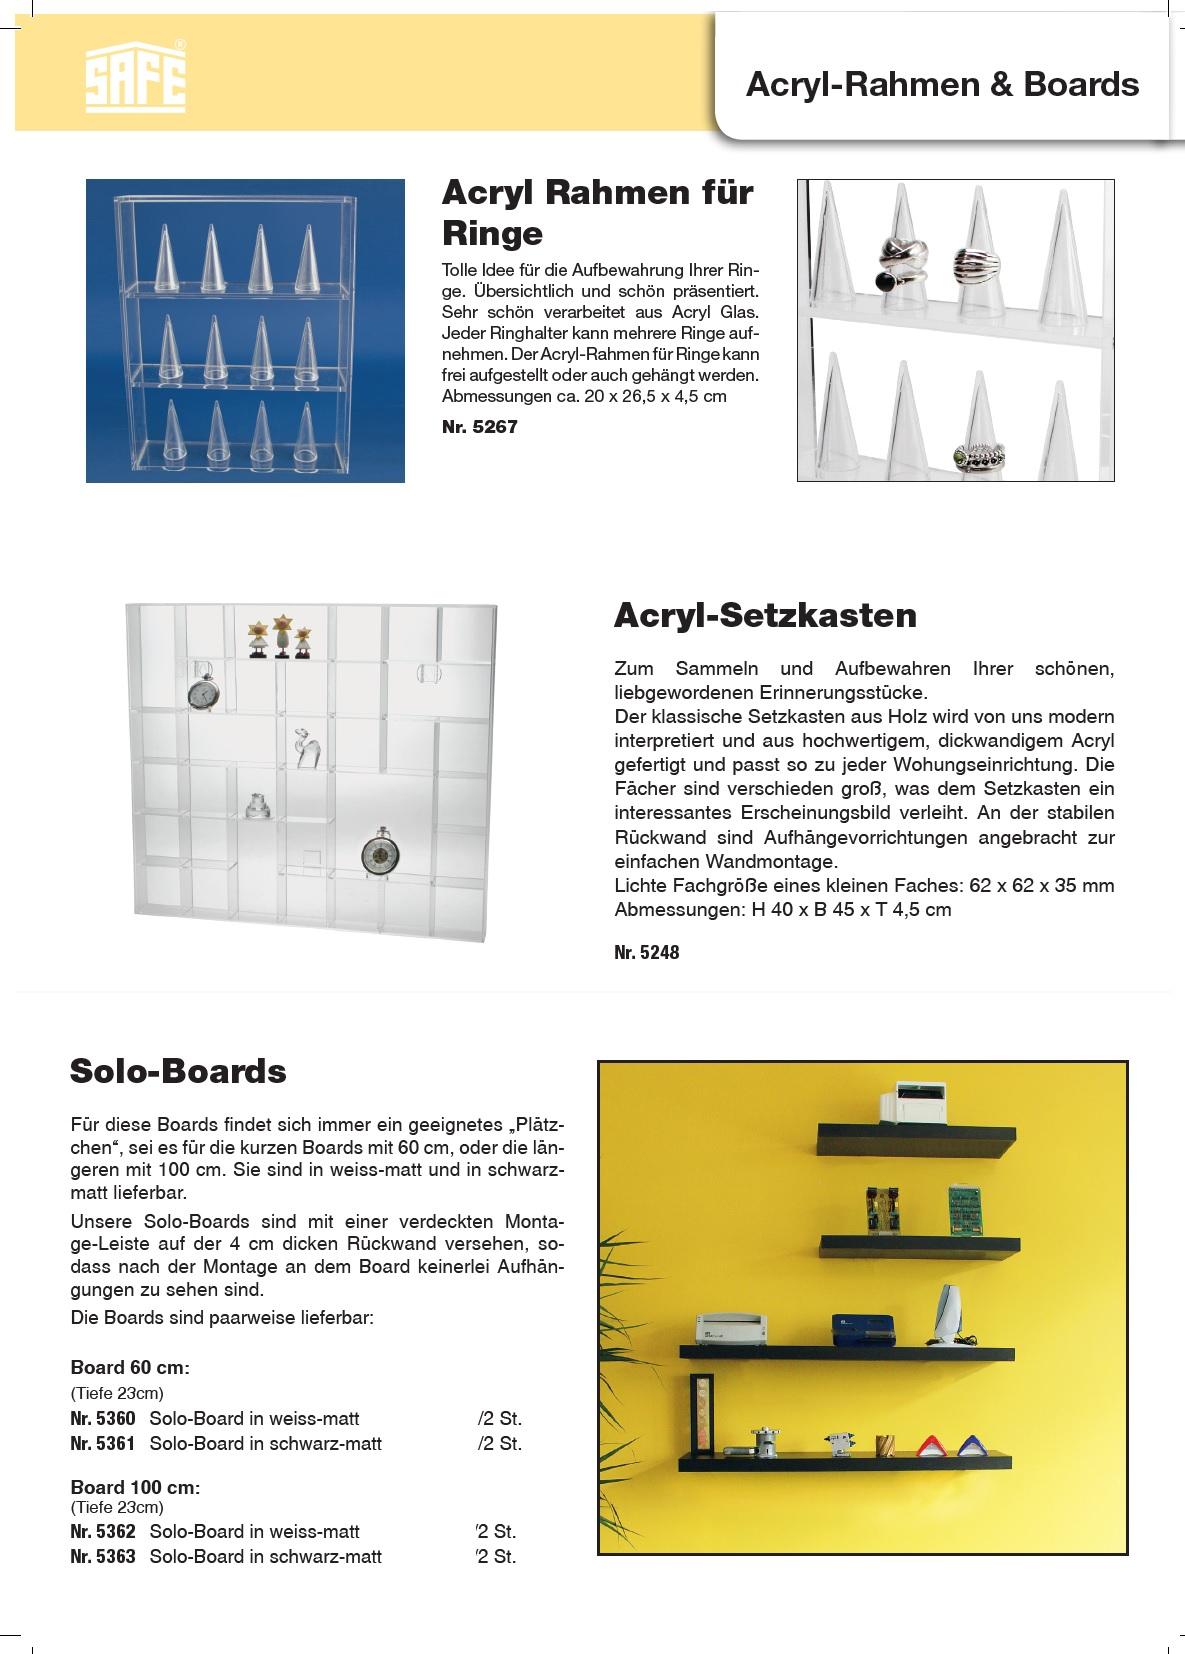 Gemütlich 11x14 Rahmen In Cm Ideen - Rahmen Ideen - markjohnsonshow.info